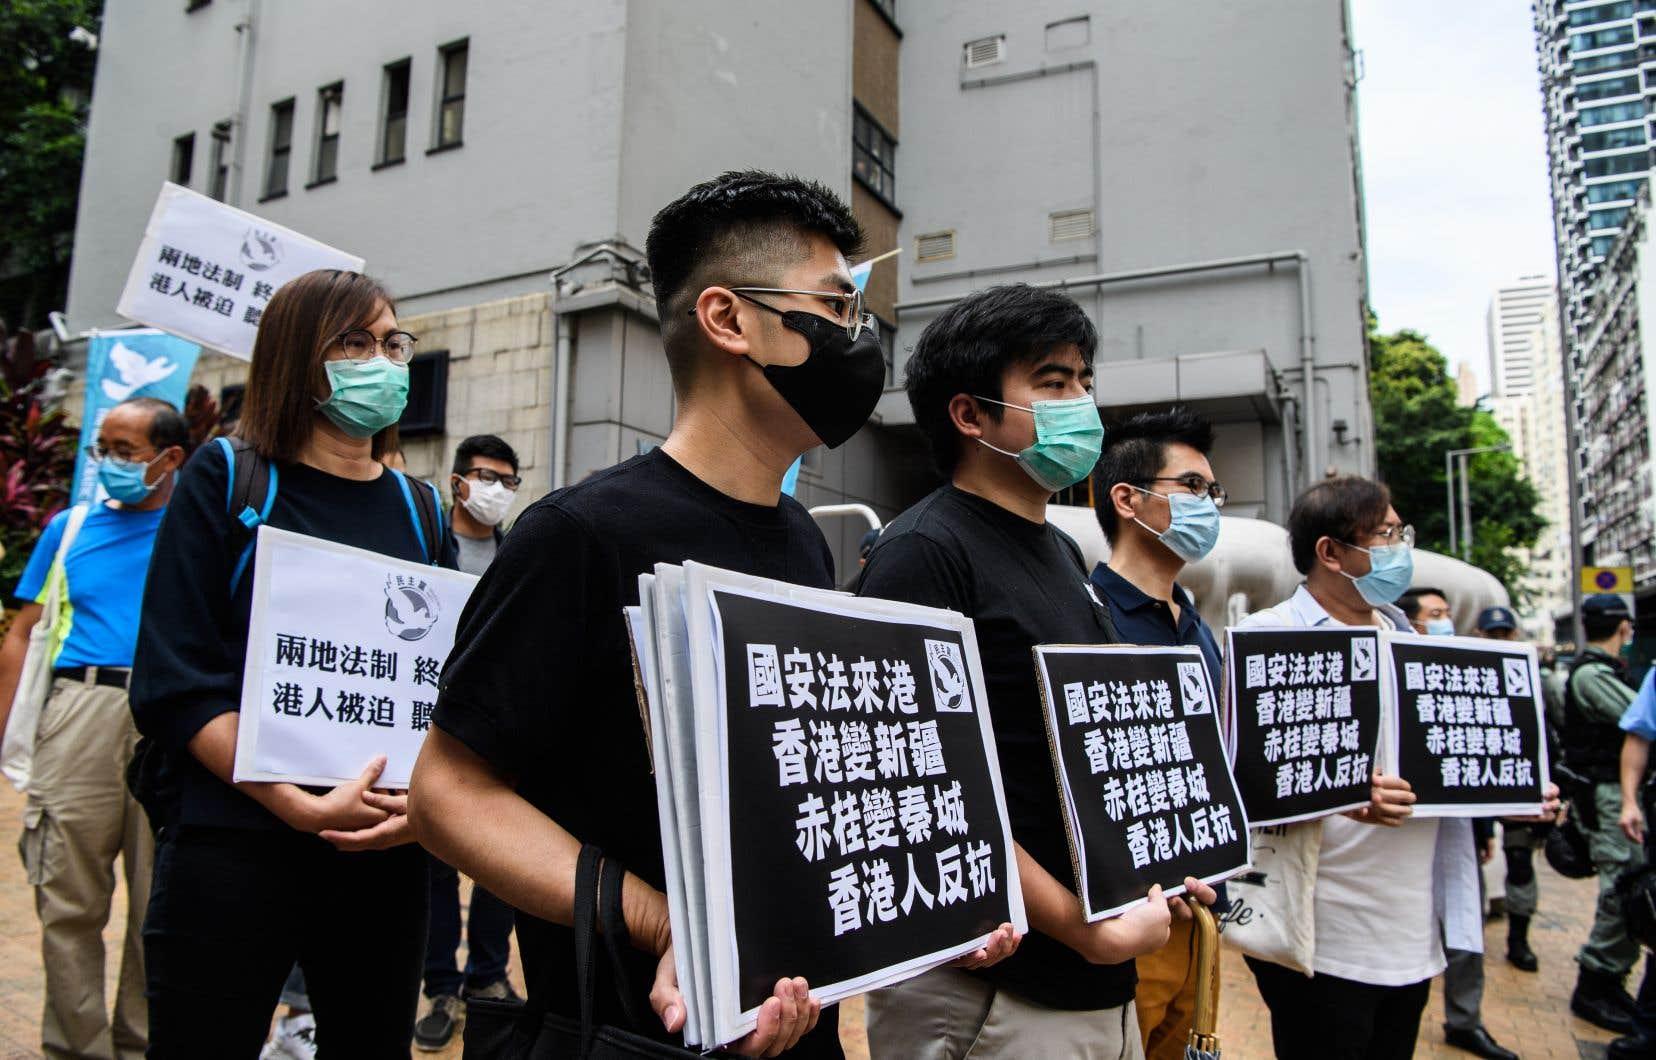 <p>Des militants pro-démocratie étaient déterminés à descendre à nouveau dans les rues pour manifester leur indignation.</p>